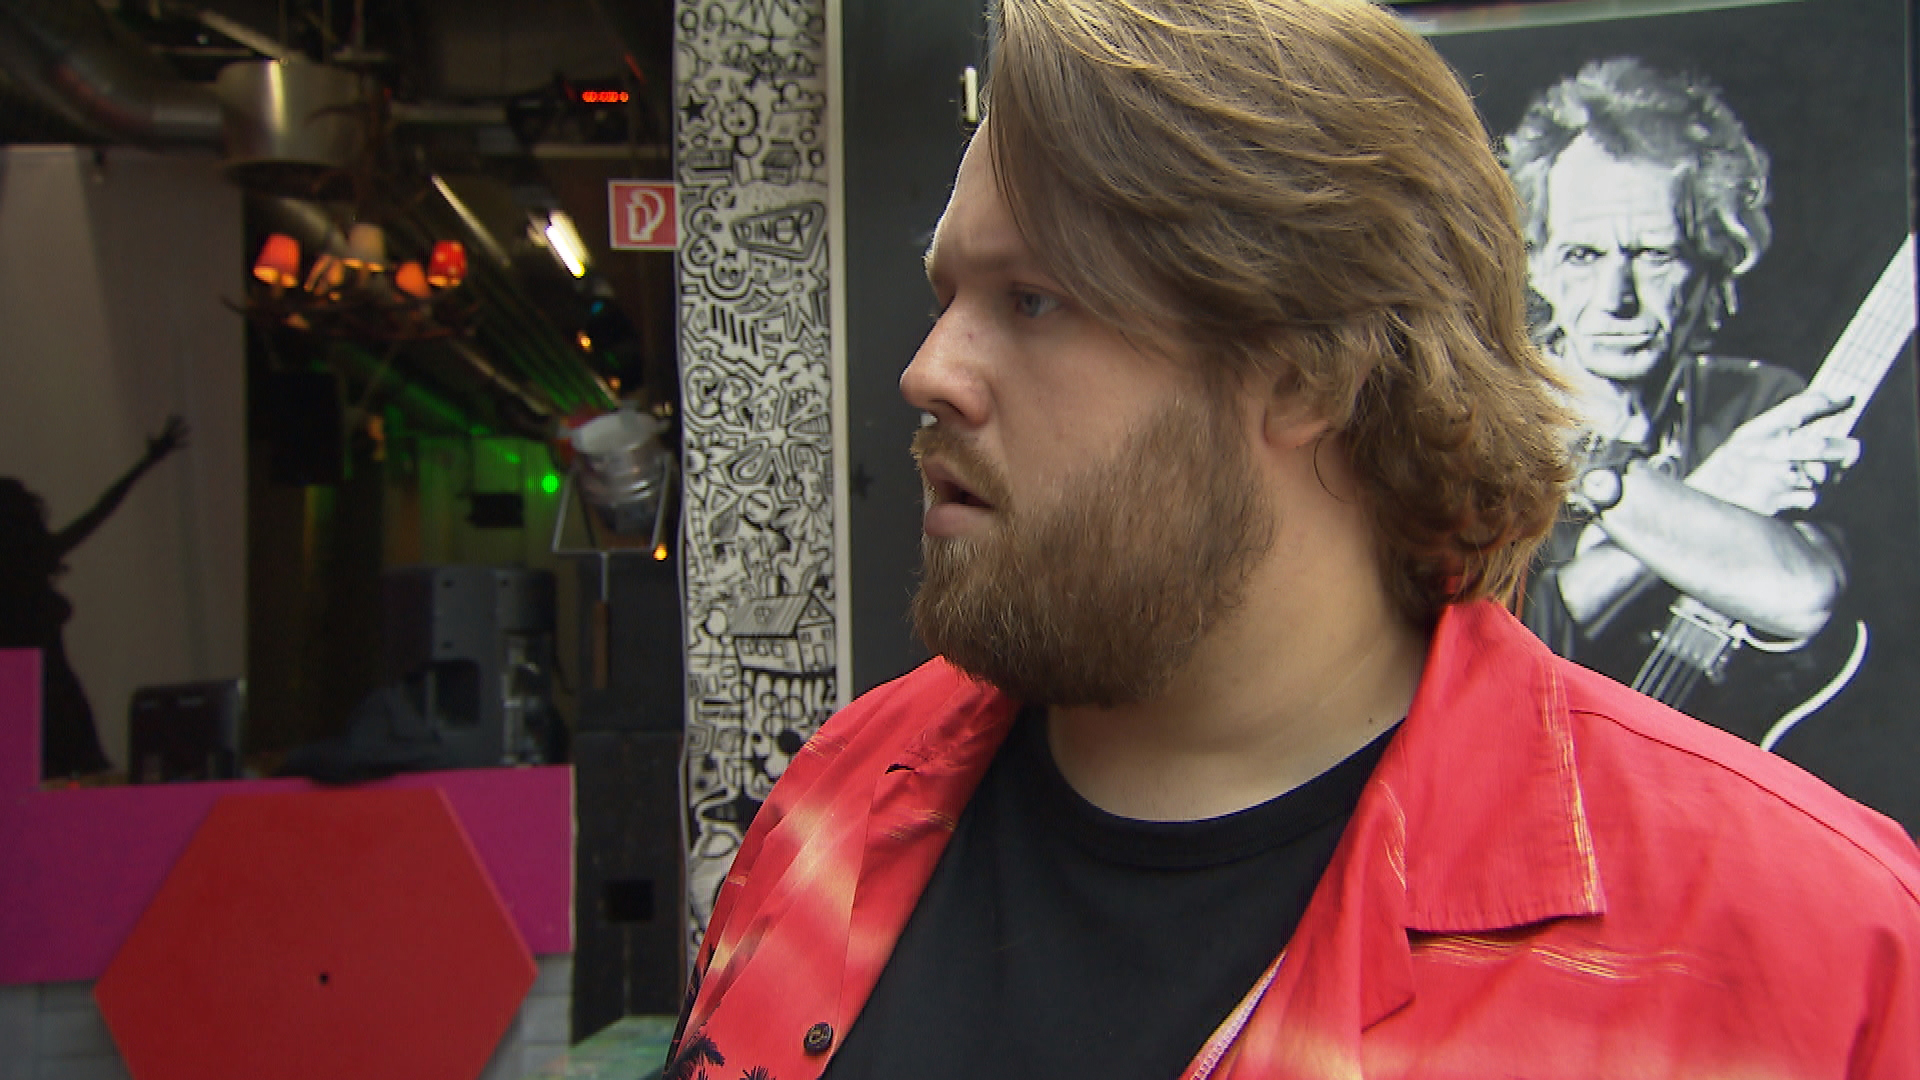 Jan ist morgens schon wieder sauer, als er merkt, dass Joleen sich bereits als Barchefin sieht und gerät darüber mit ihr in Streit. (Quelle: RTL 2)